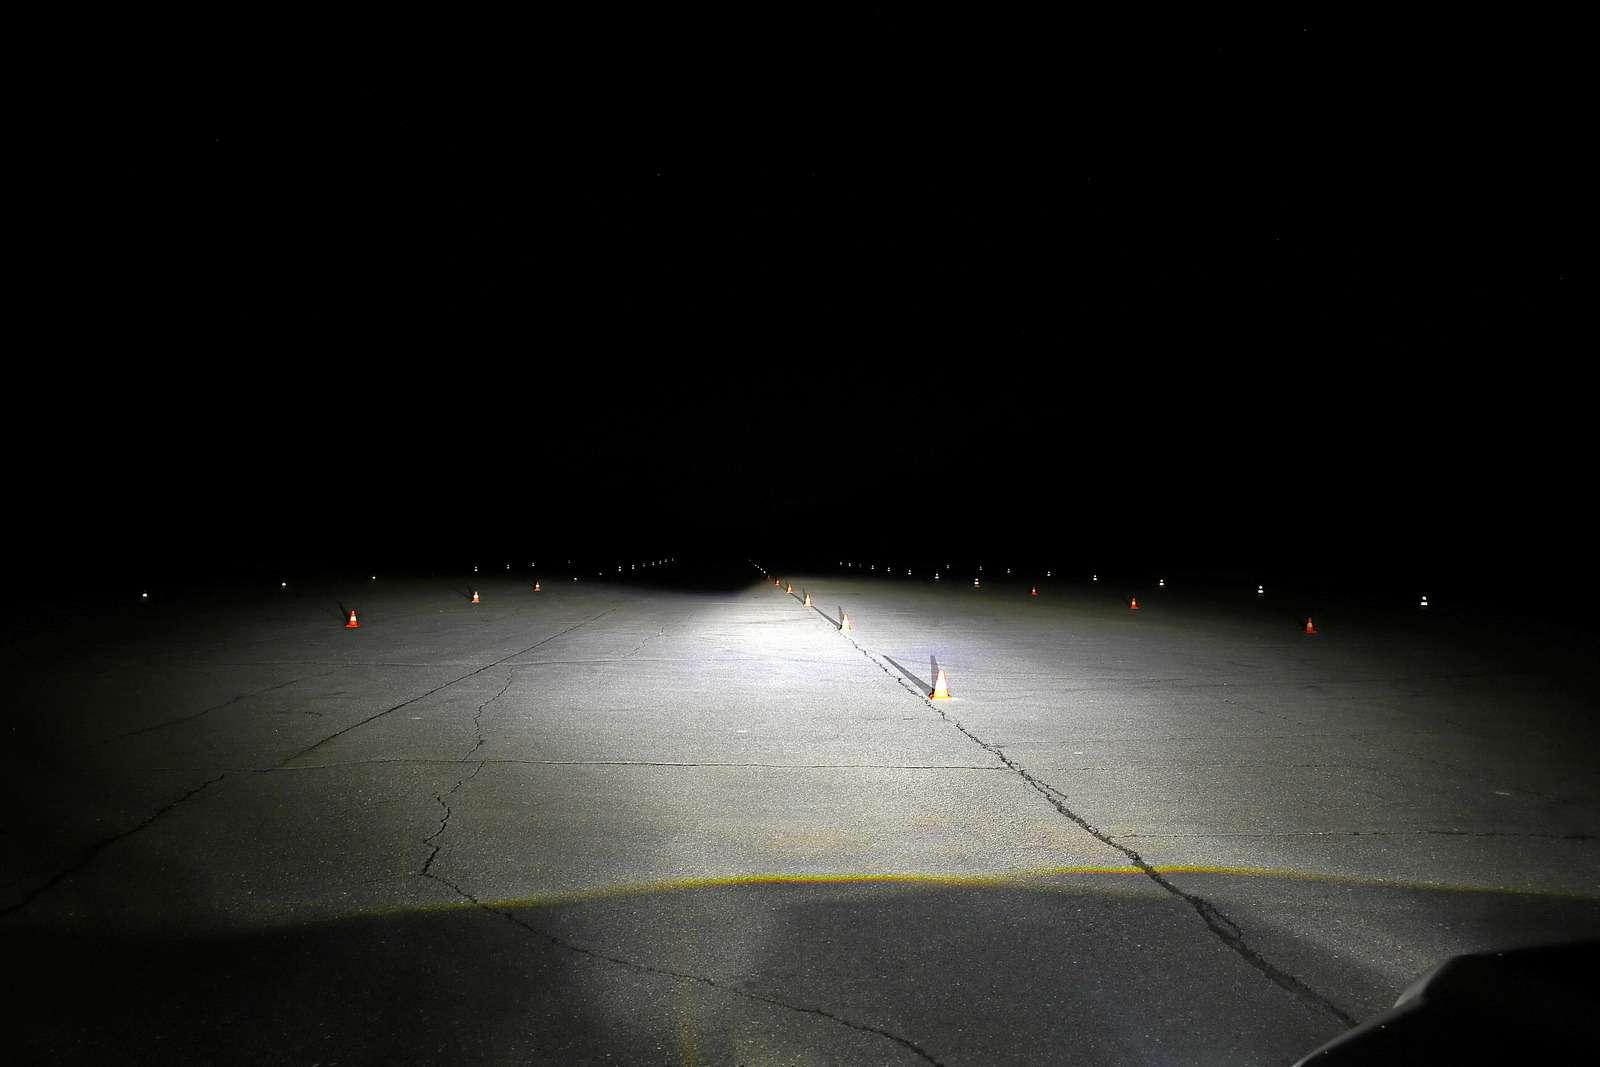 Супертест светодиодных фар: какая из10машин заглянет дальше?— фото 601243